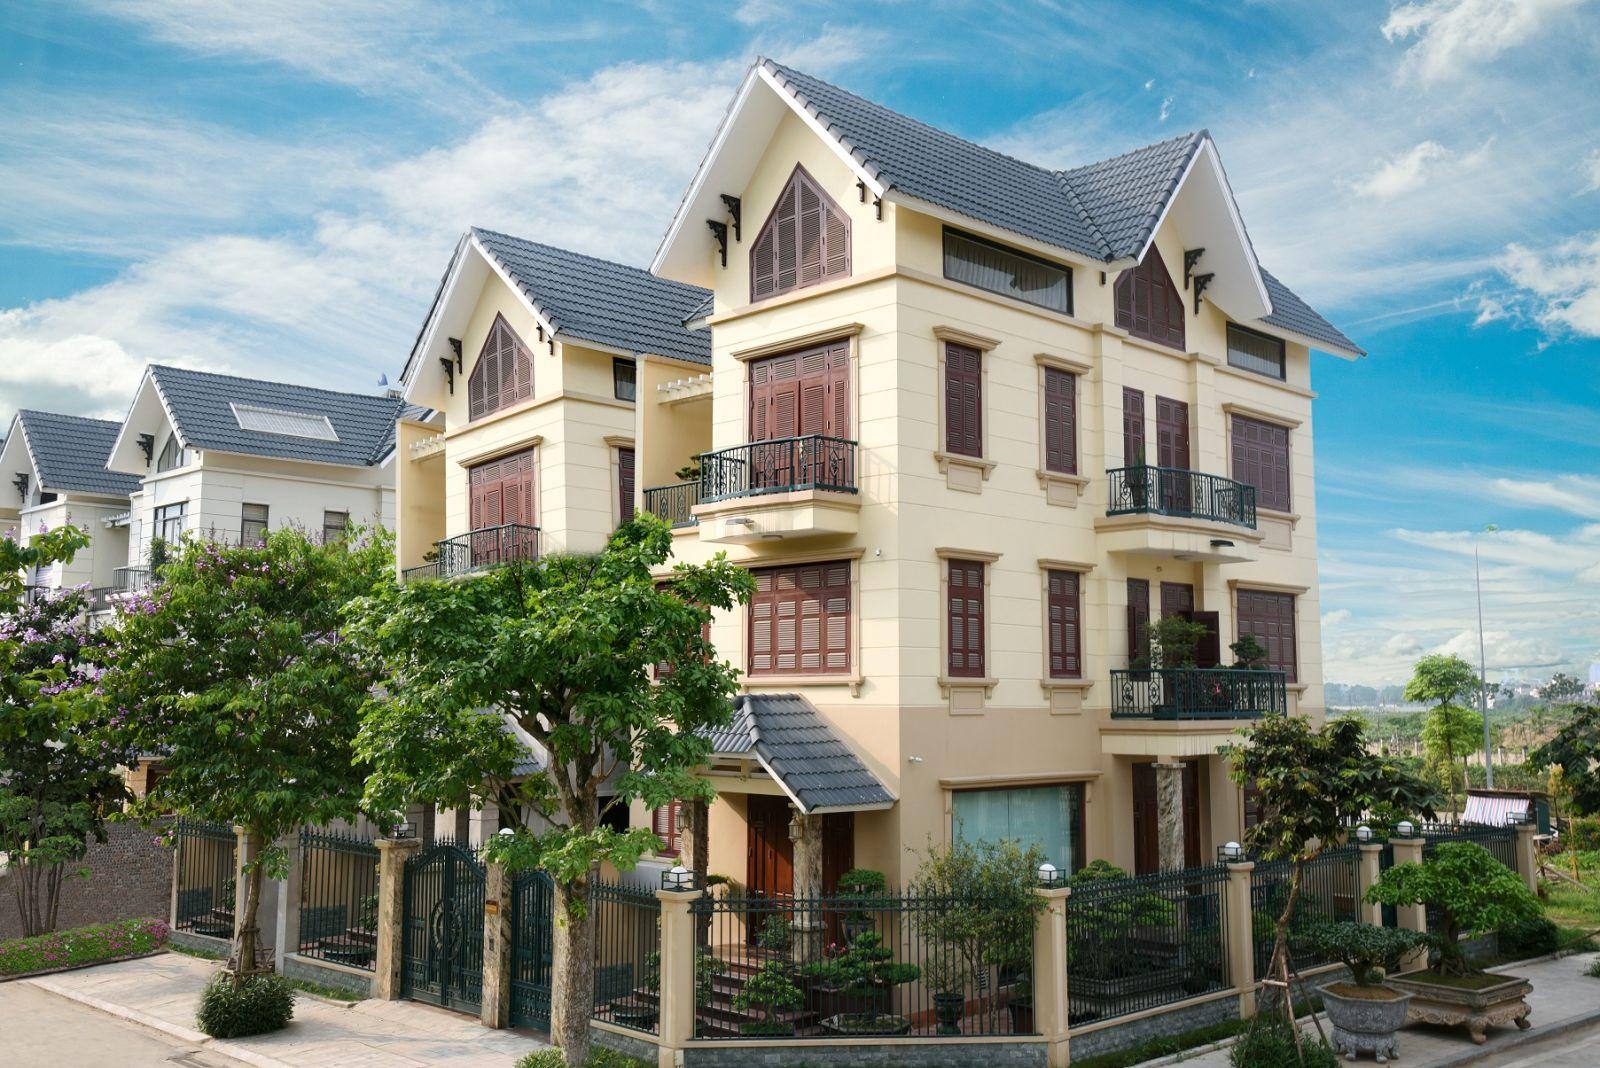 Biệt thự An Khang có mật độ xây dựng thấp khoảng 30%